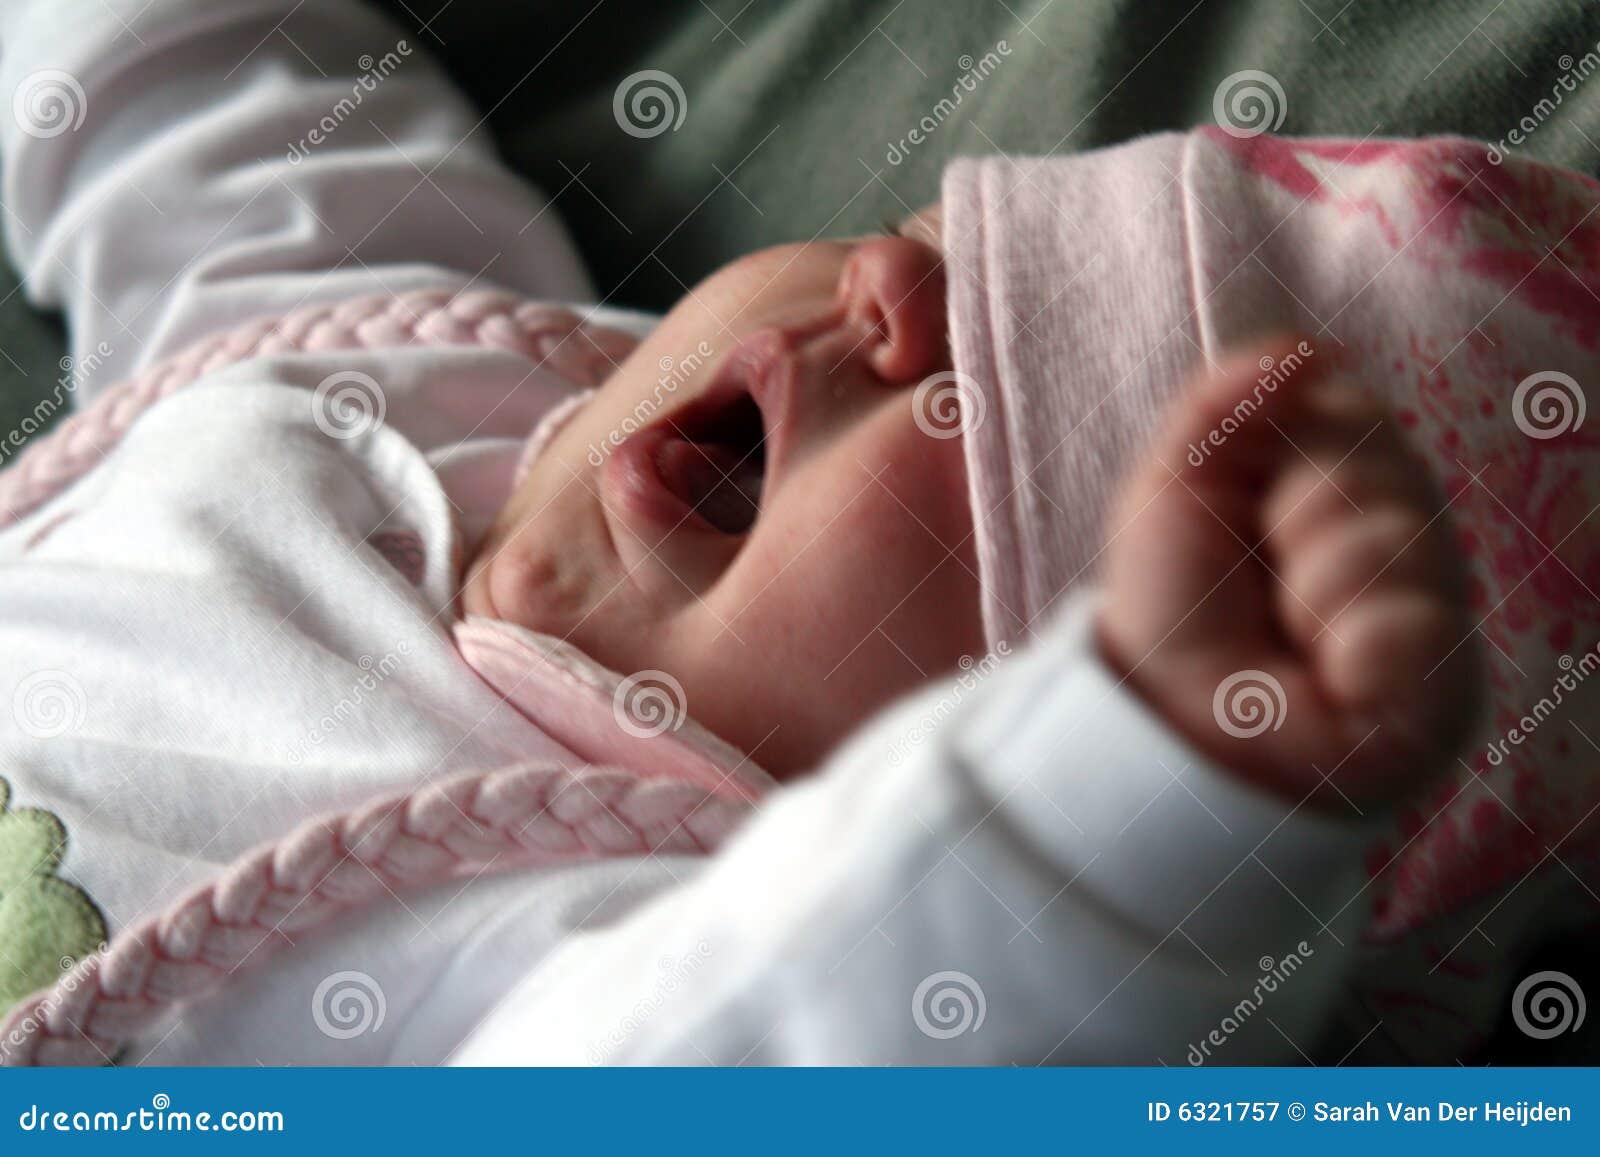 Baby Yawning And Stretching Stock Image - Image of dozing ...